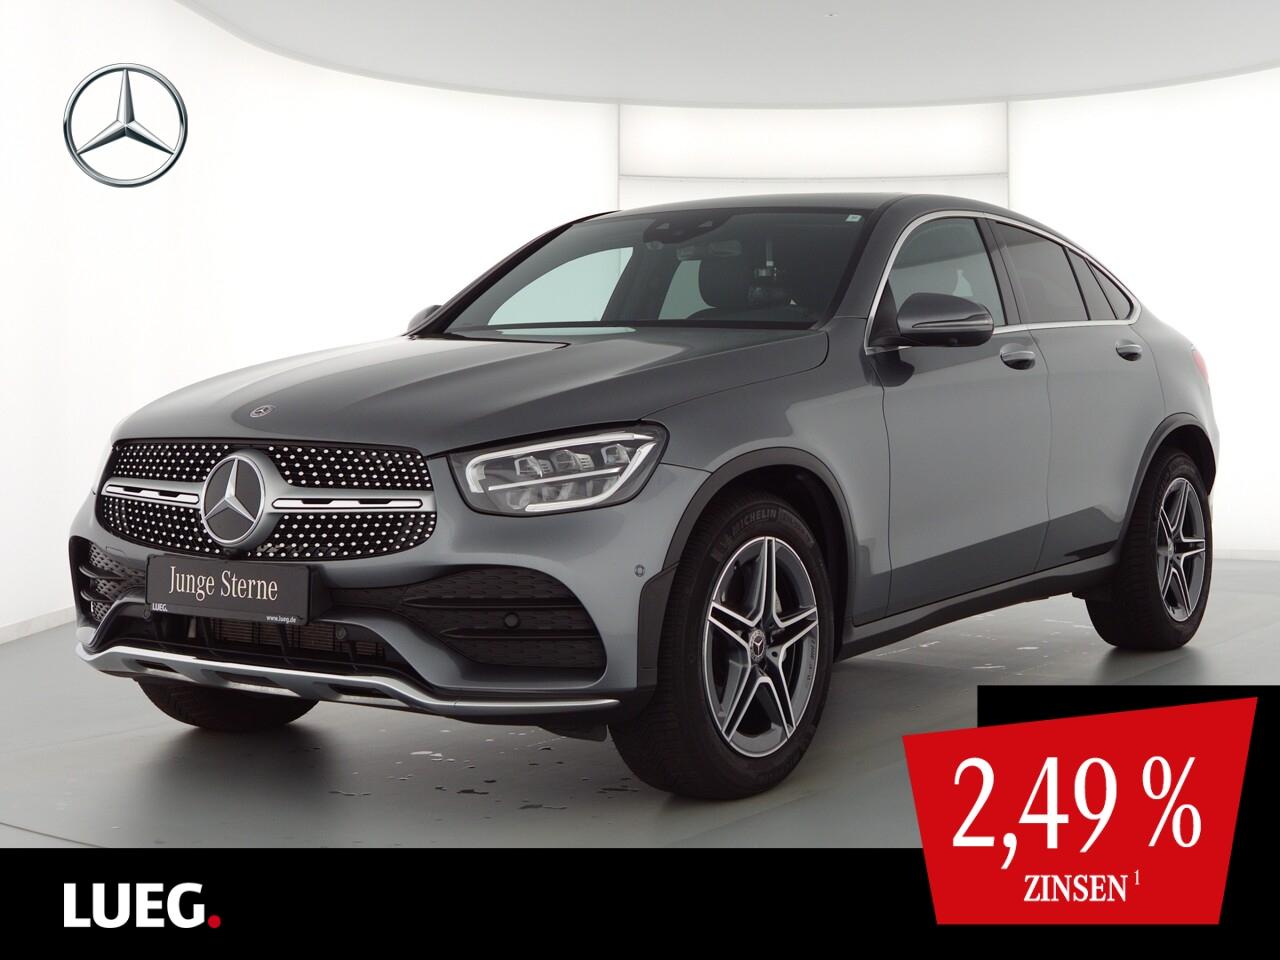 Mercedes-Benz GLC 300 4M Coupe AMG+MBUX+SHD+LED+KeyG+Distr+360, Jahr 2019, Benzin